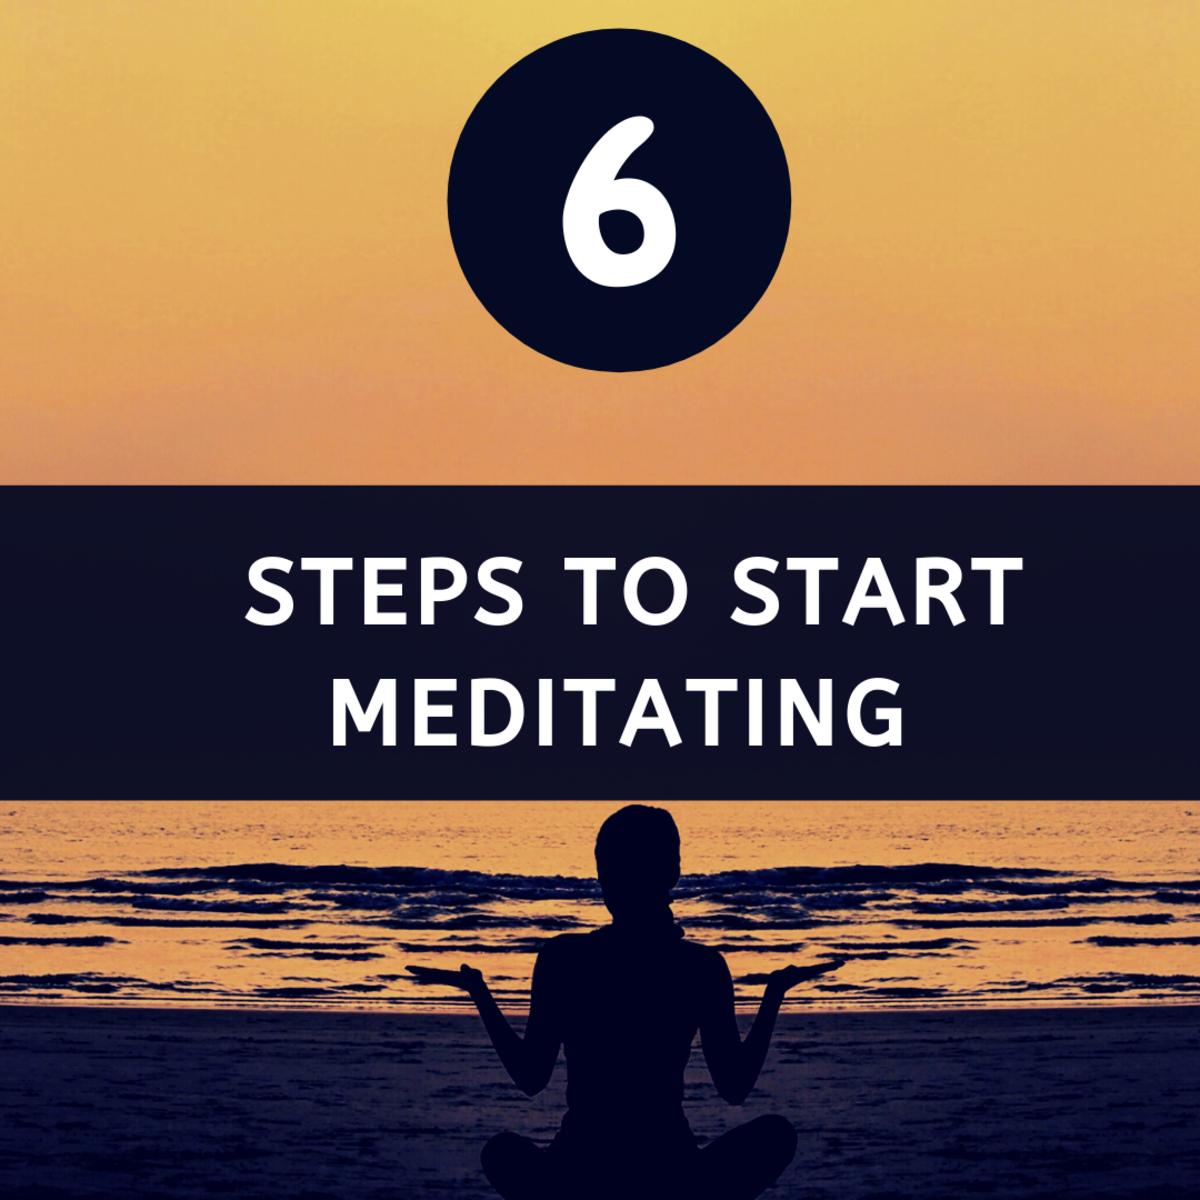 6 easy steps for beginners to start meditating